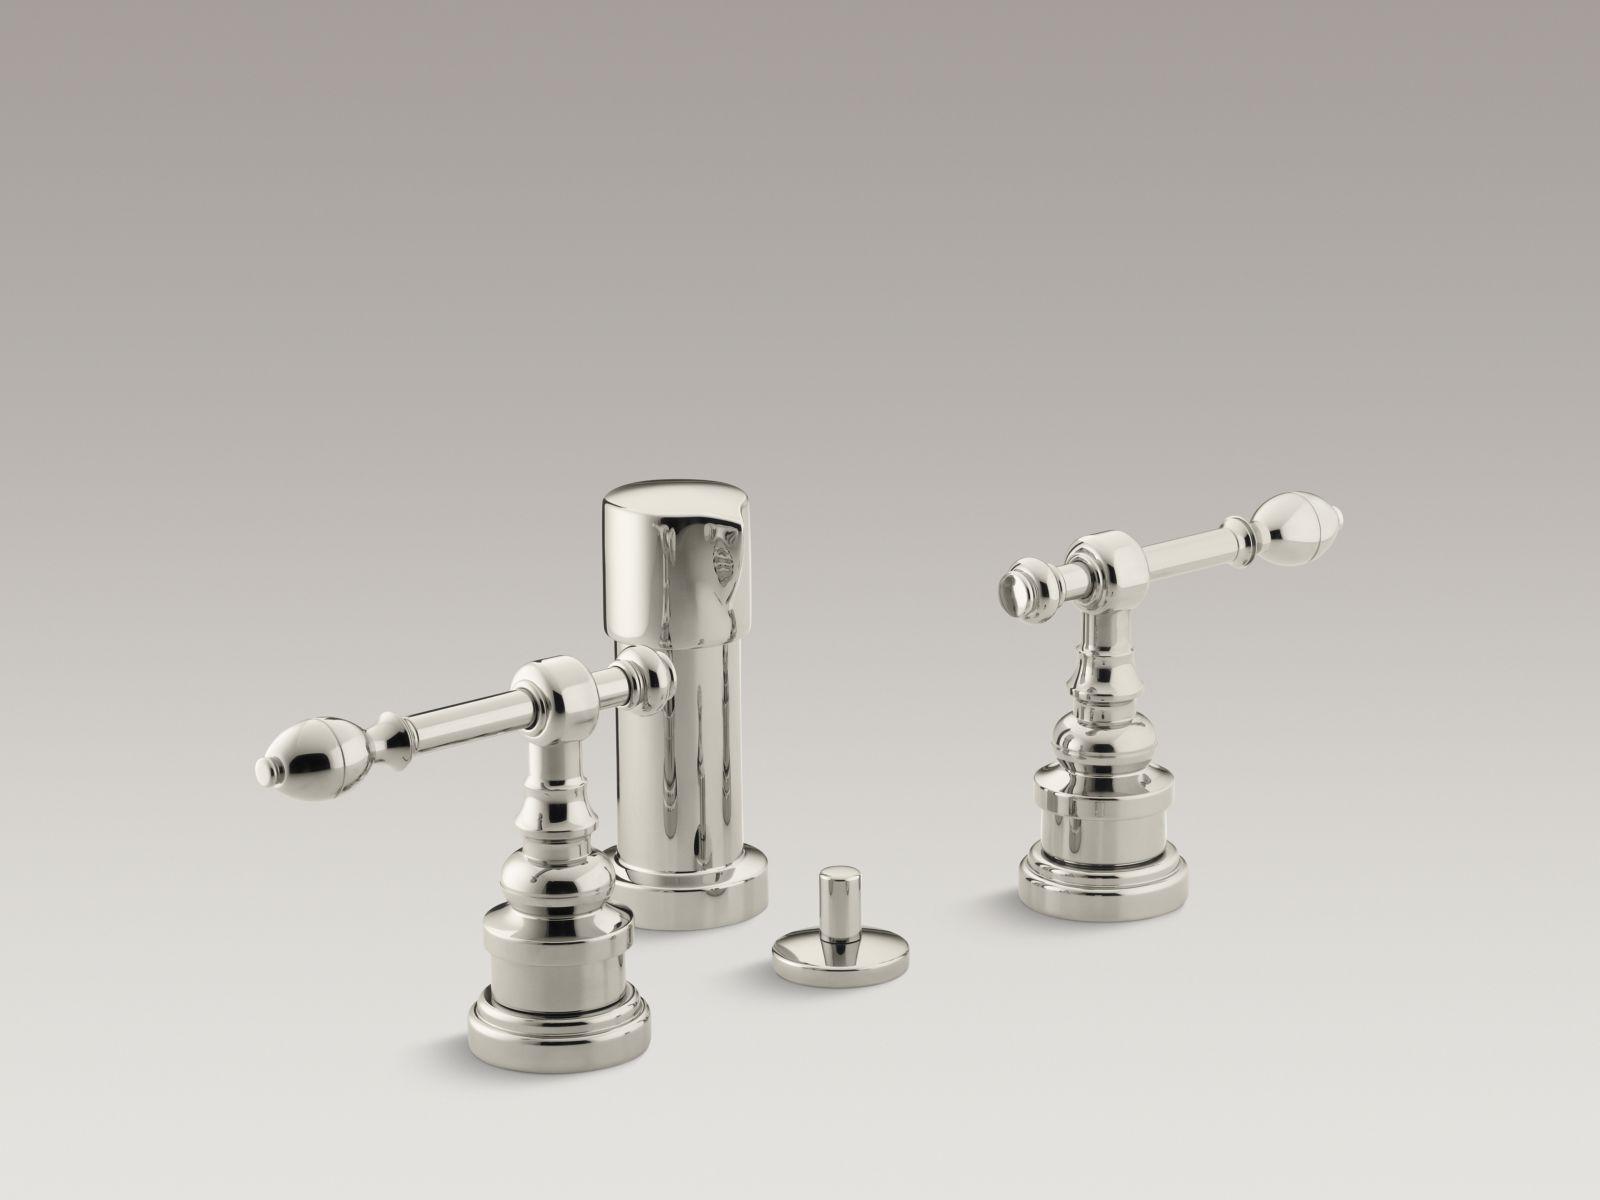 Kohler K-6814-4-SN IV Georges Brass Vertical Spray Bidet Faucet with Lever Handles Vibrant Polished Nickel